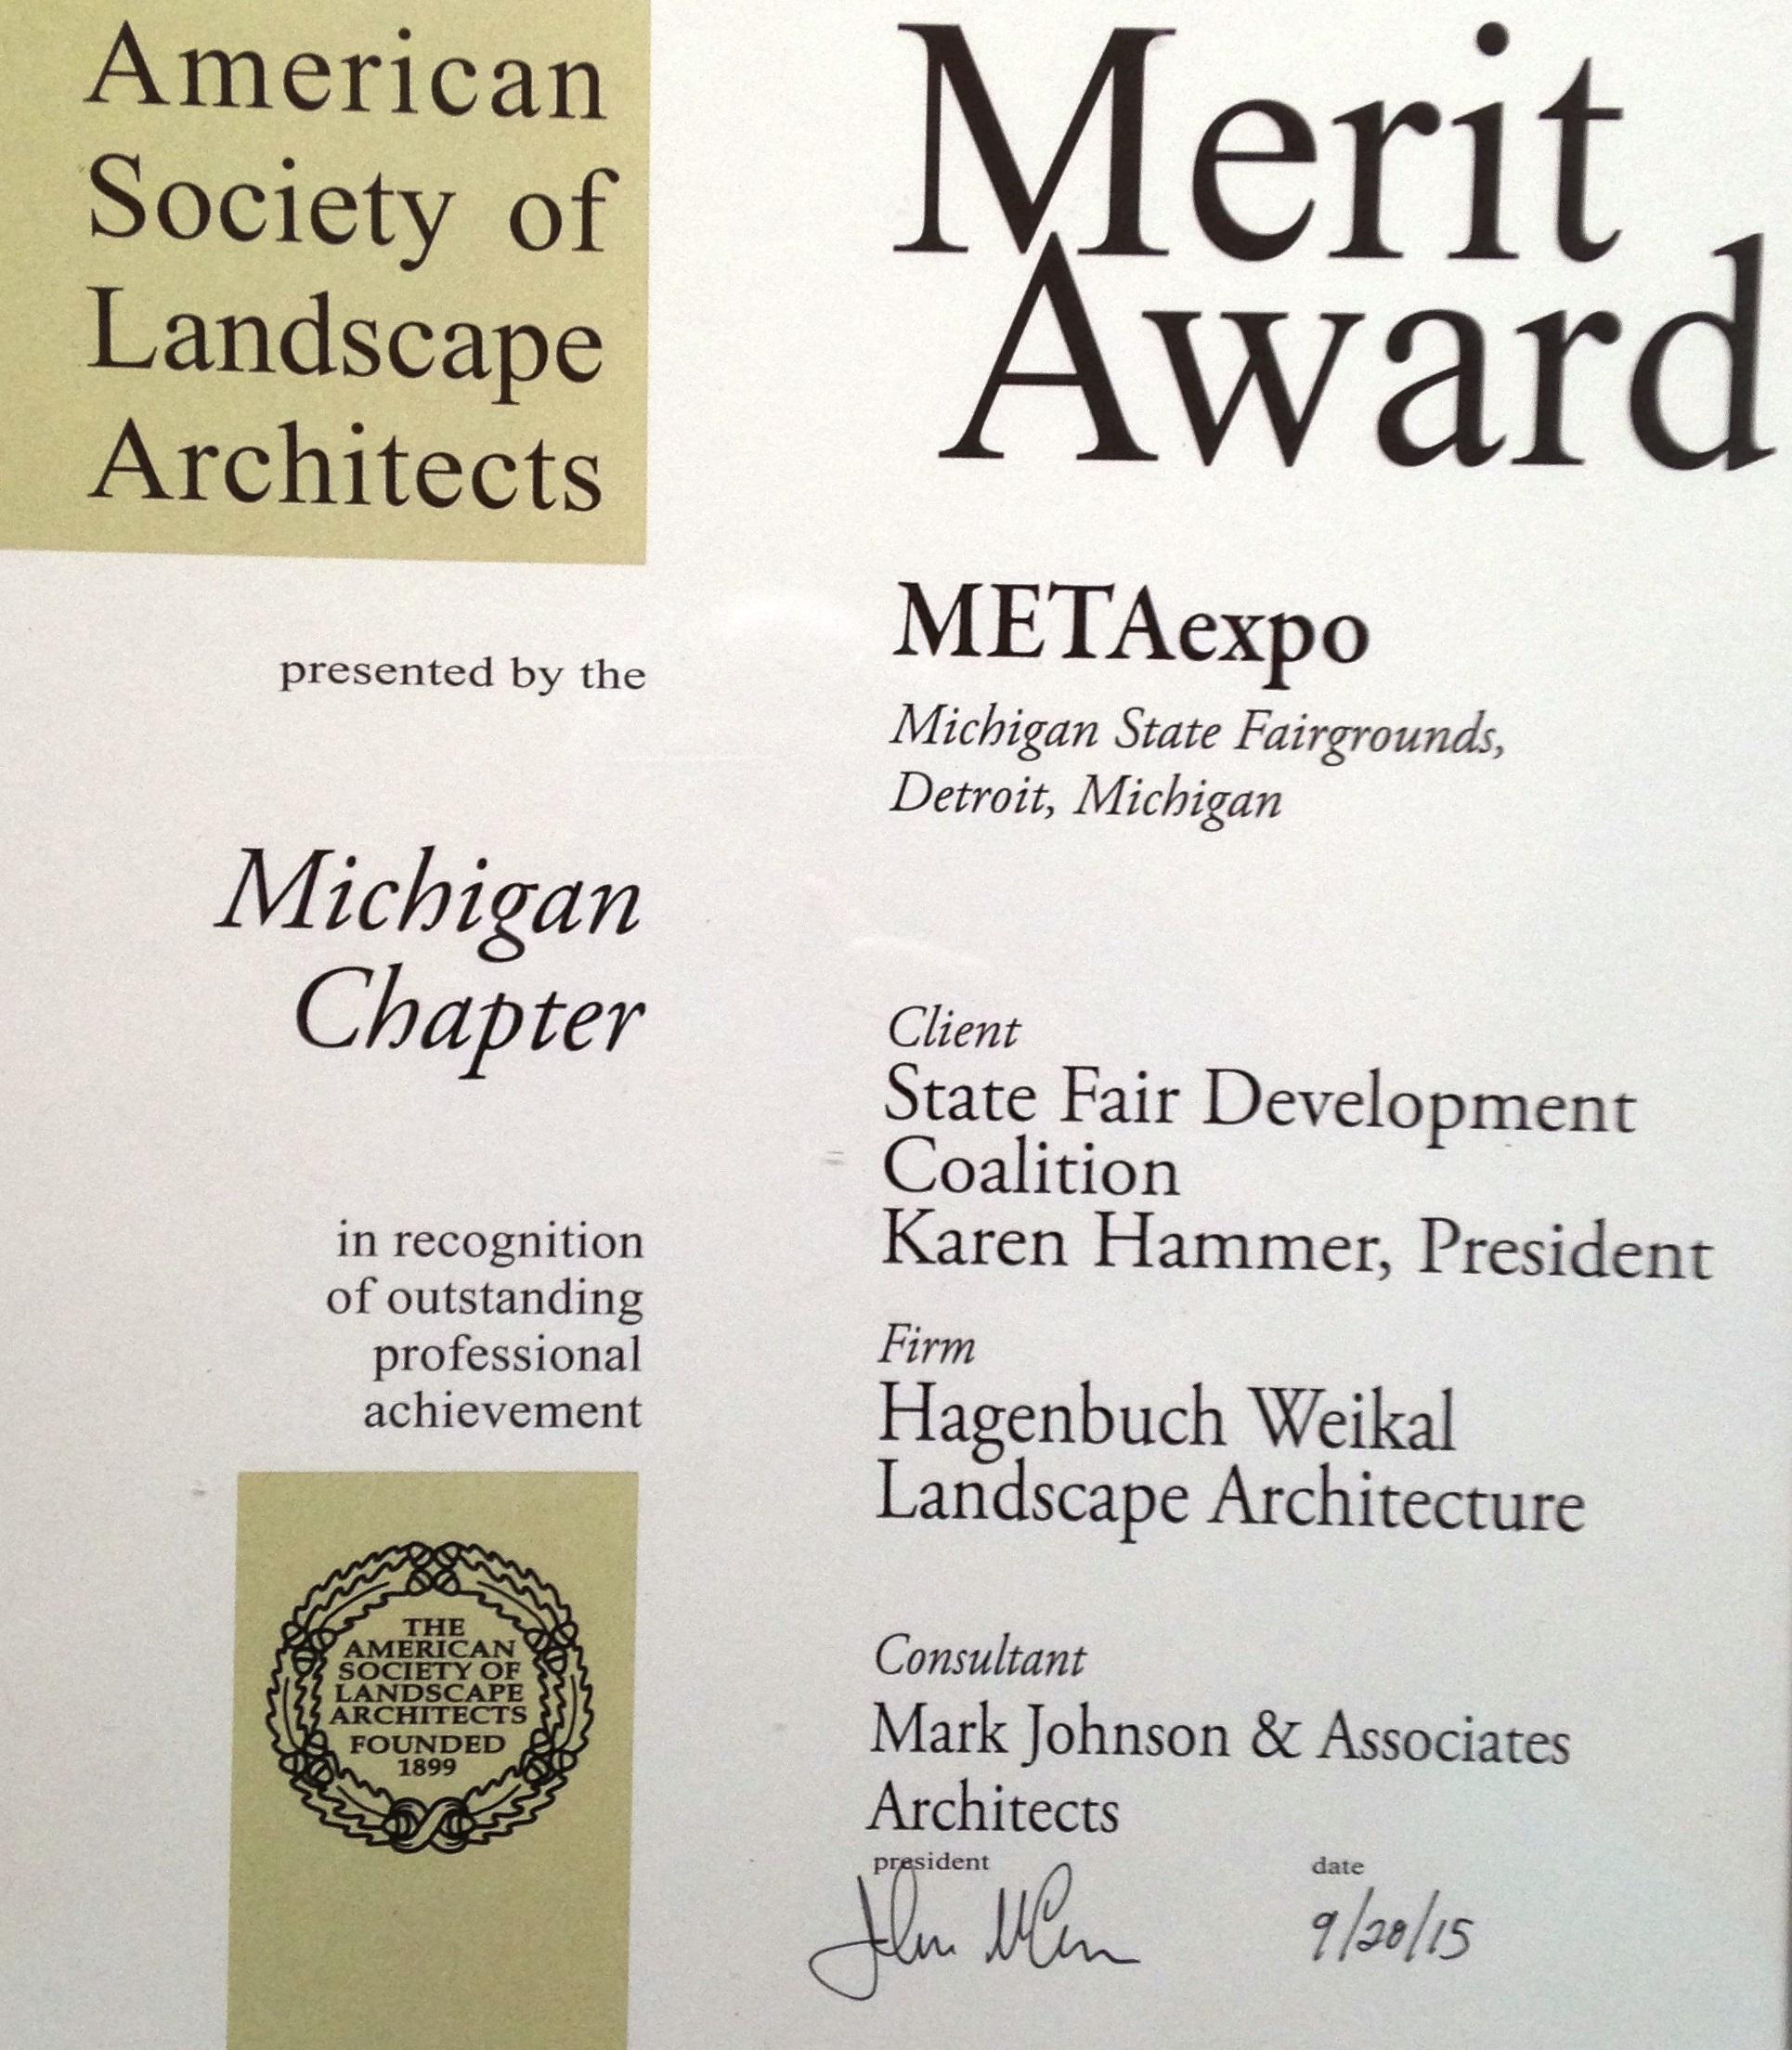 ASLA Merit Award 151001.JPG